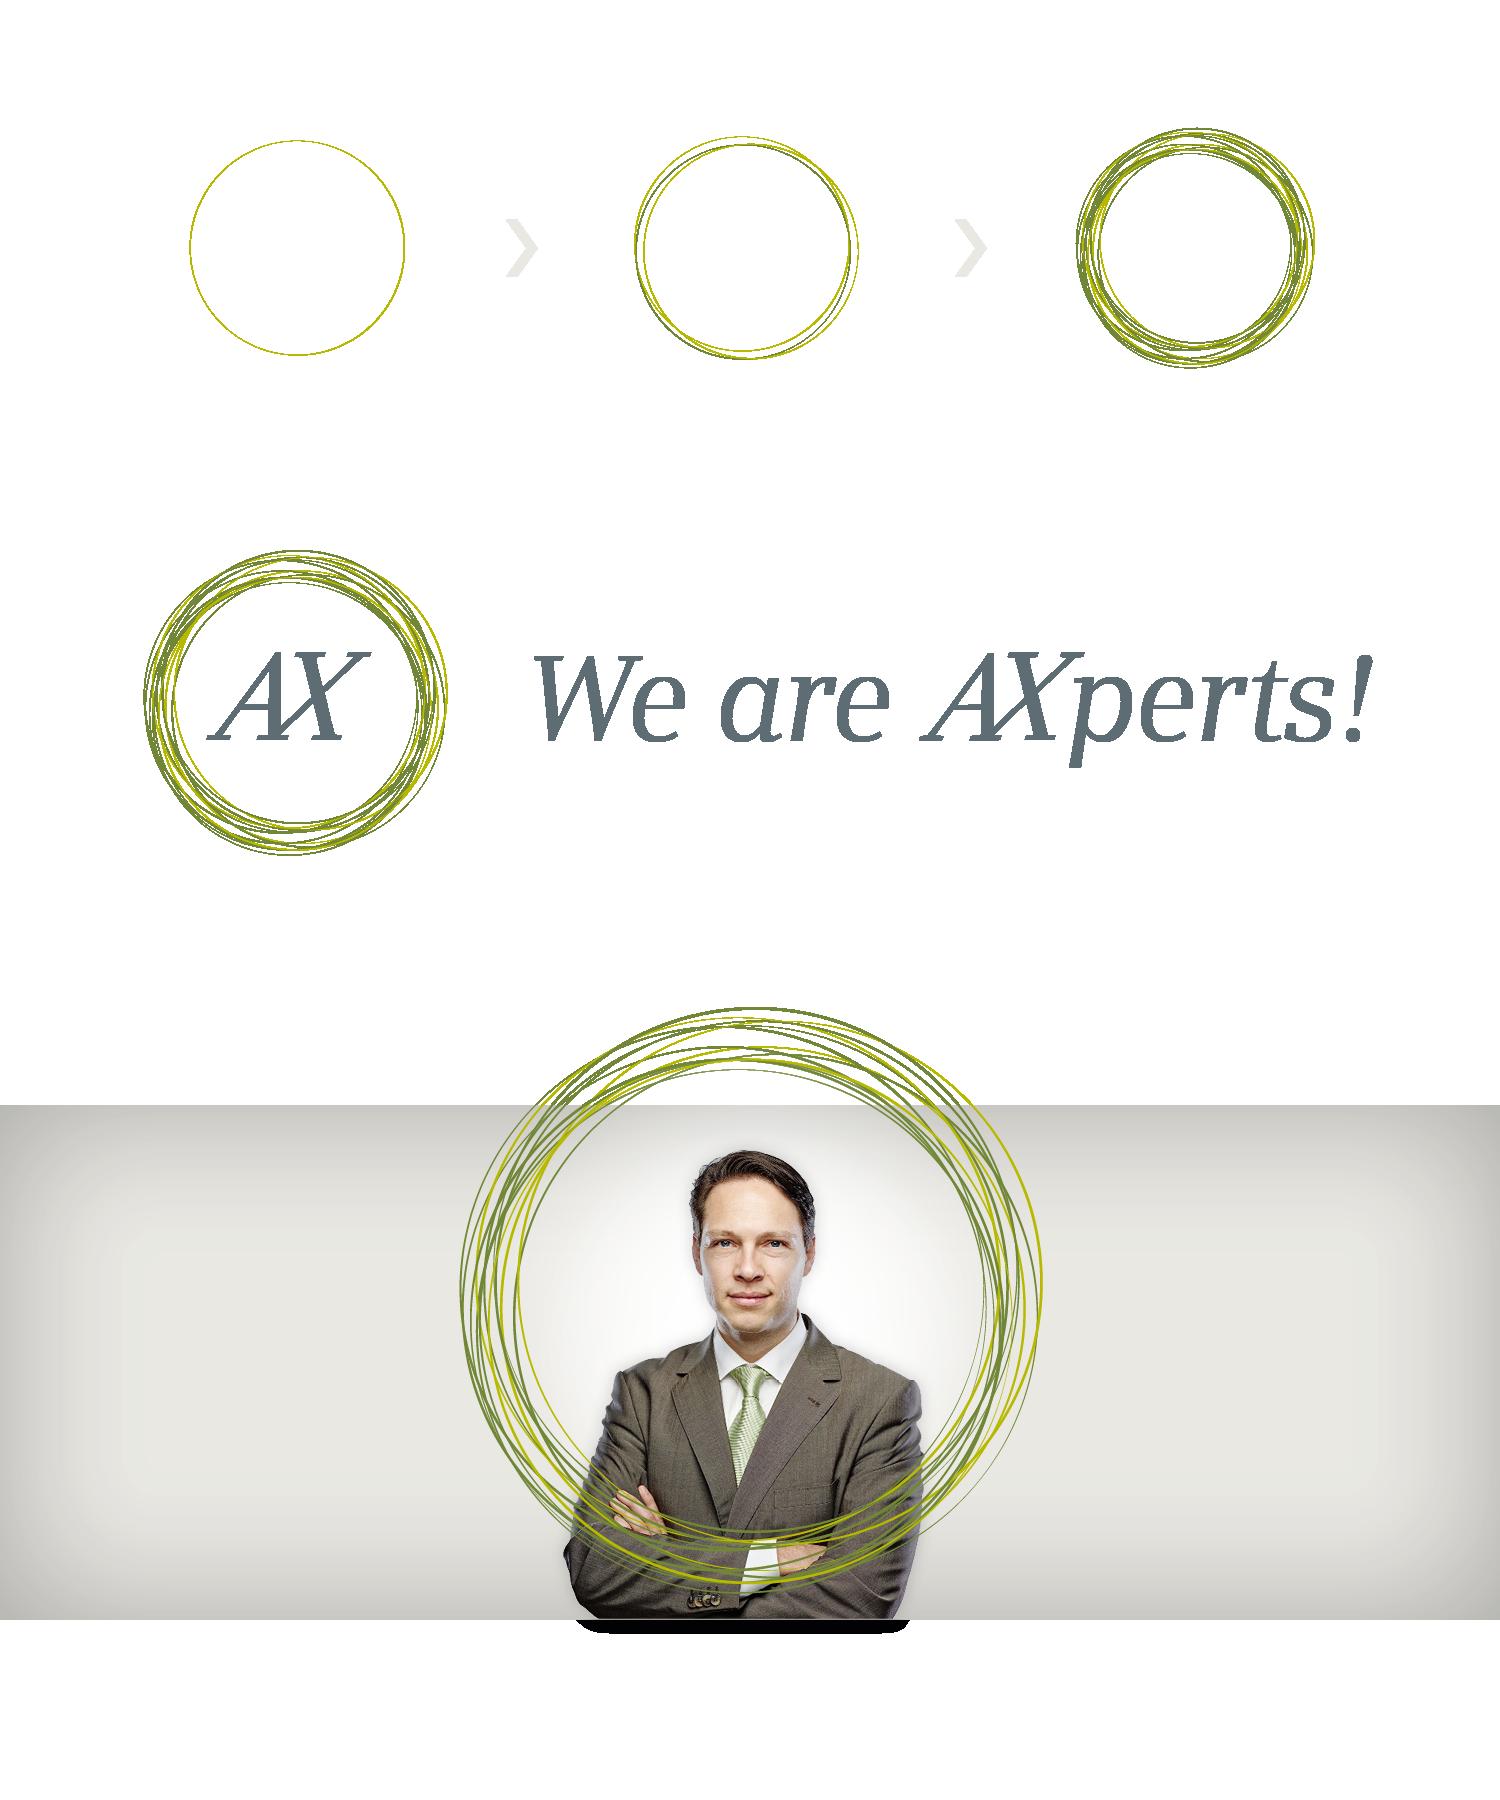 Siemens_AXperts_2